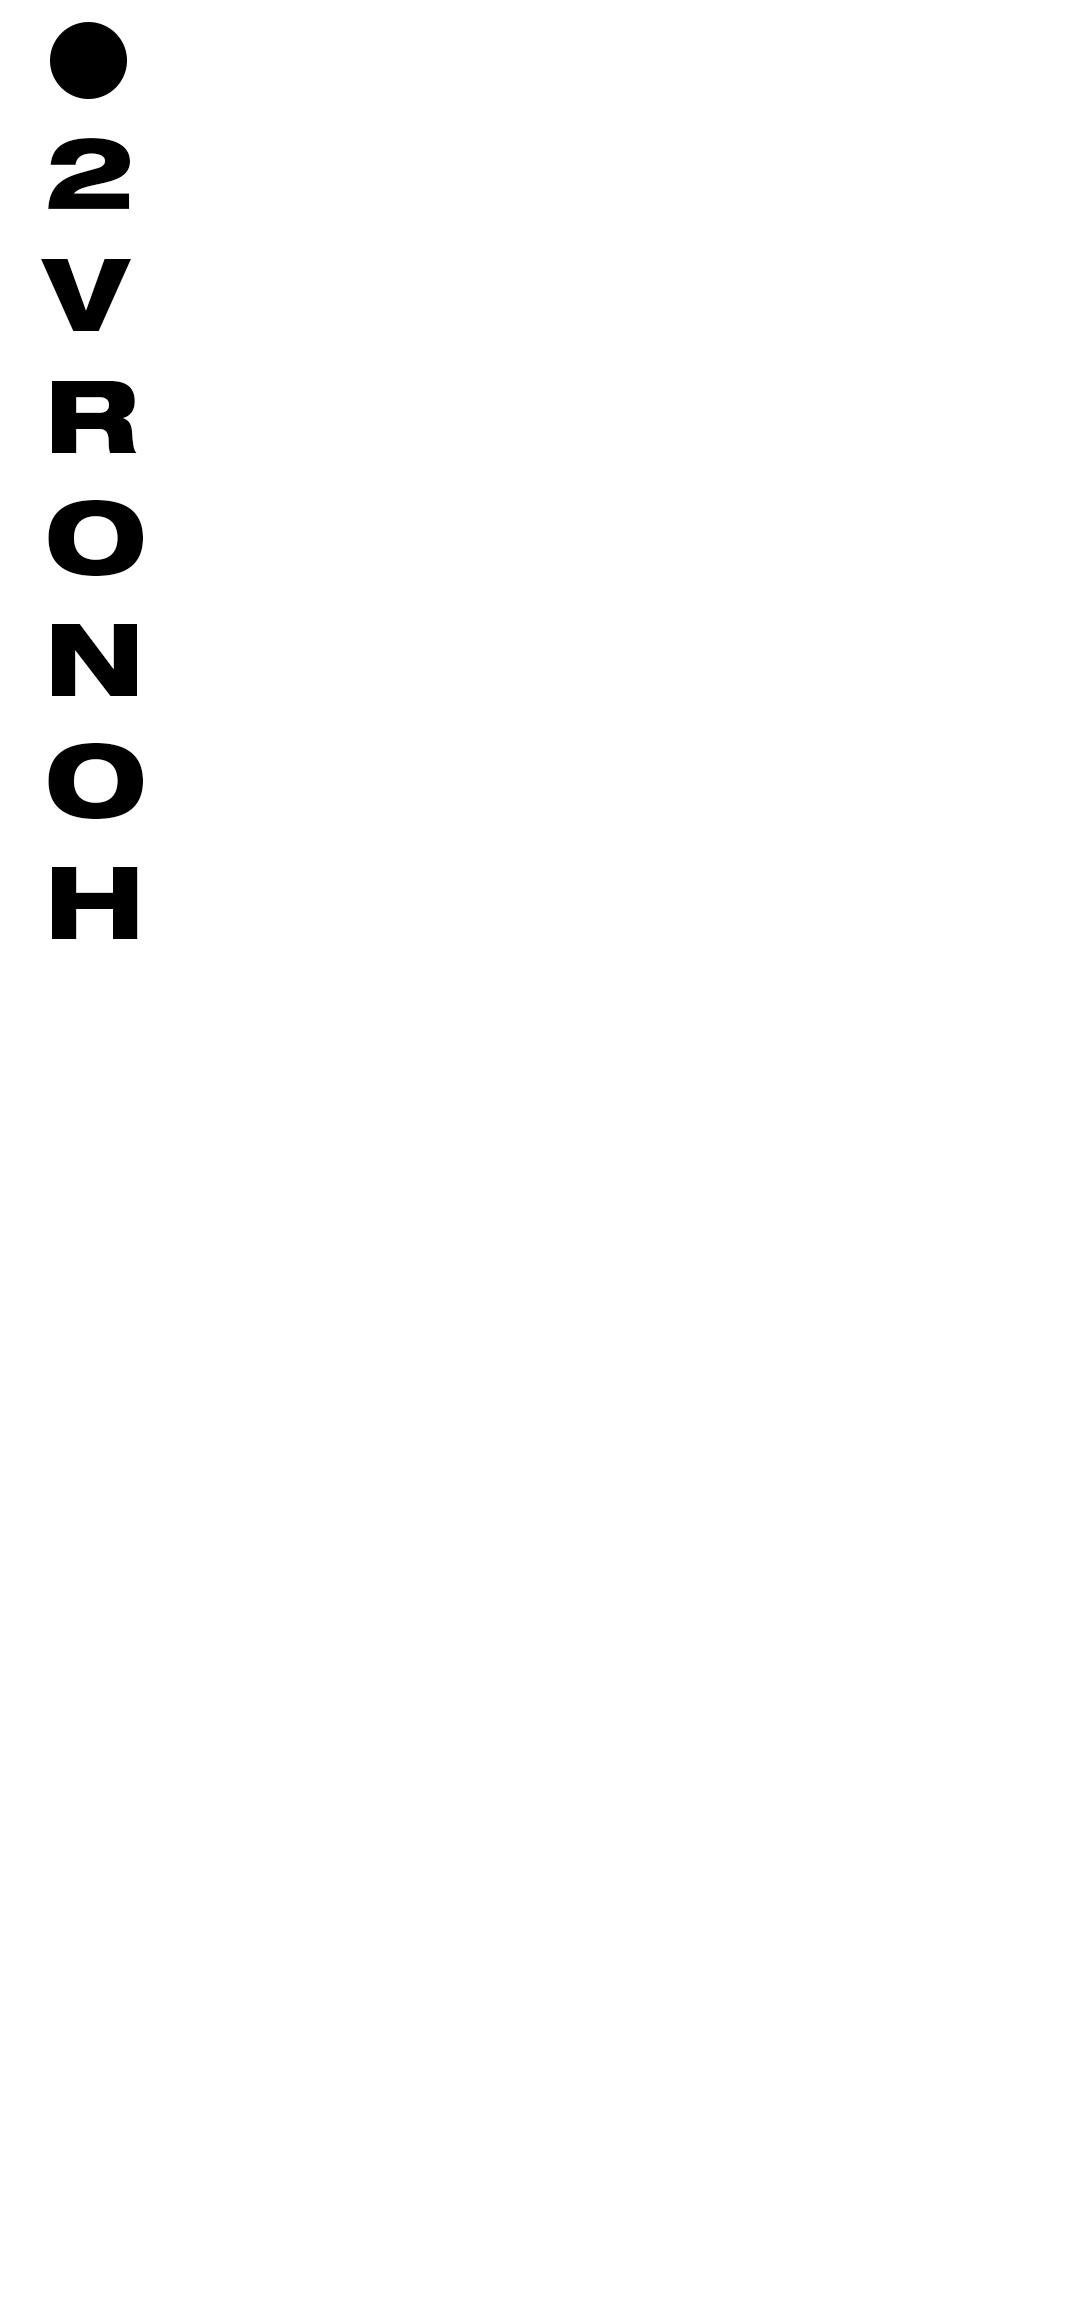 荣耀V20壁纸1.jpg